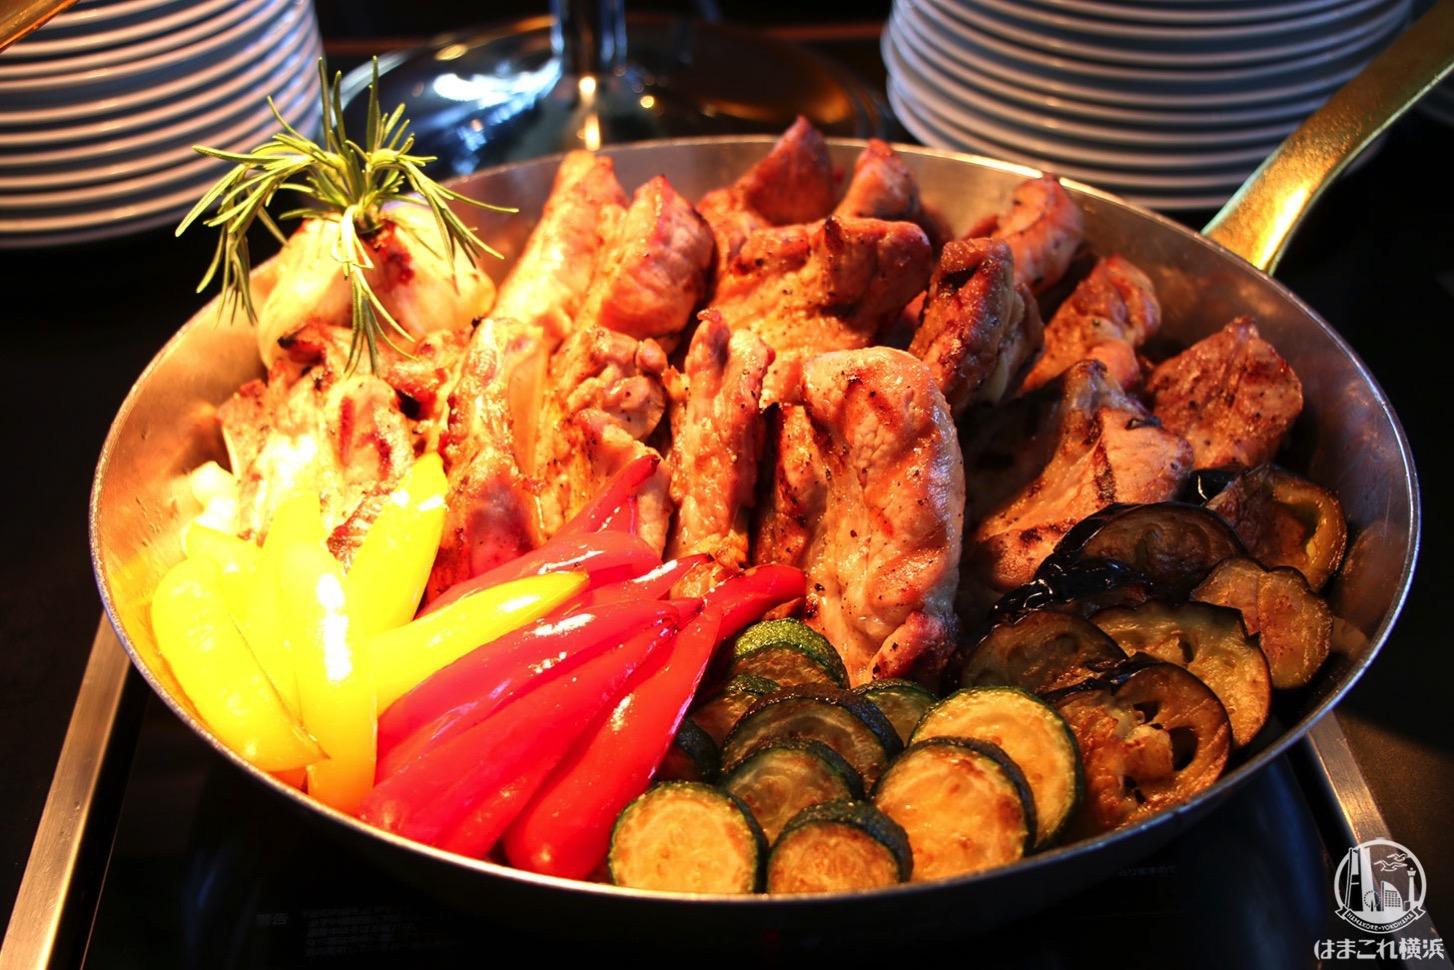 スペアリブと神奈川県産お野菜のバーベキュー仕立て